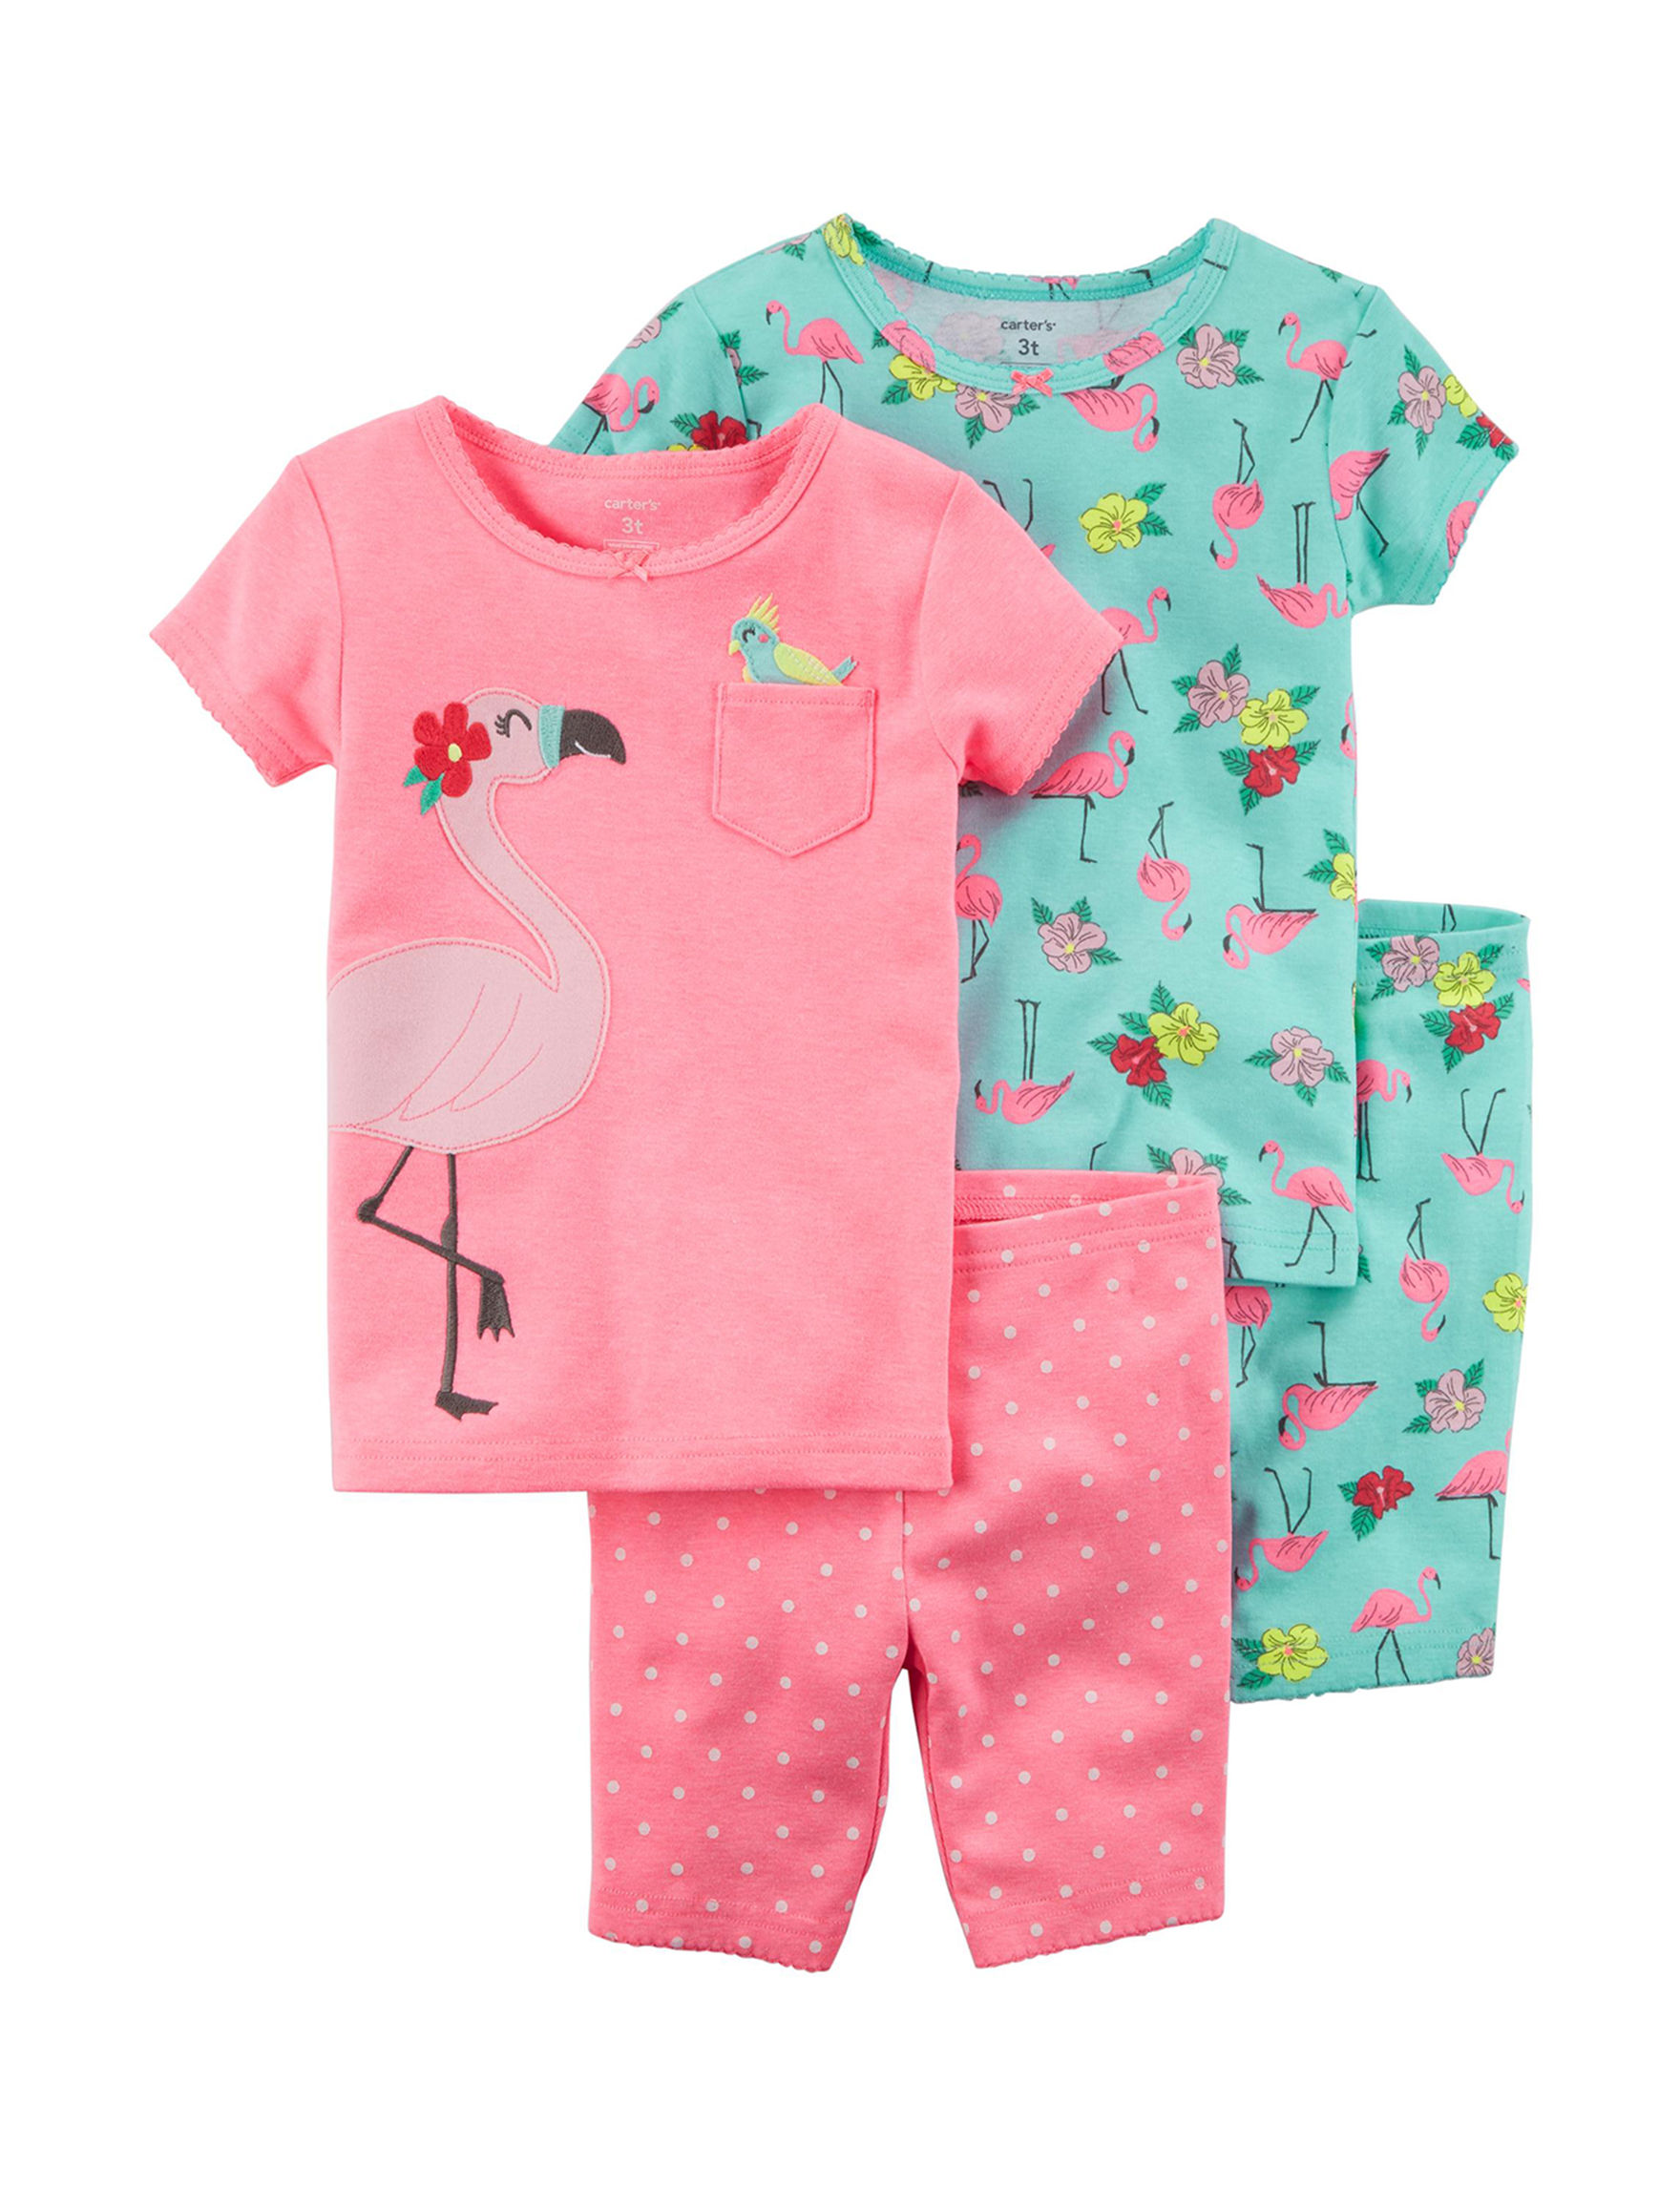 Carter's Pink / Aqua Pajama Sets